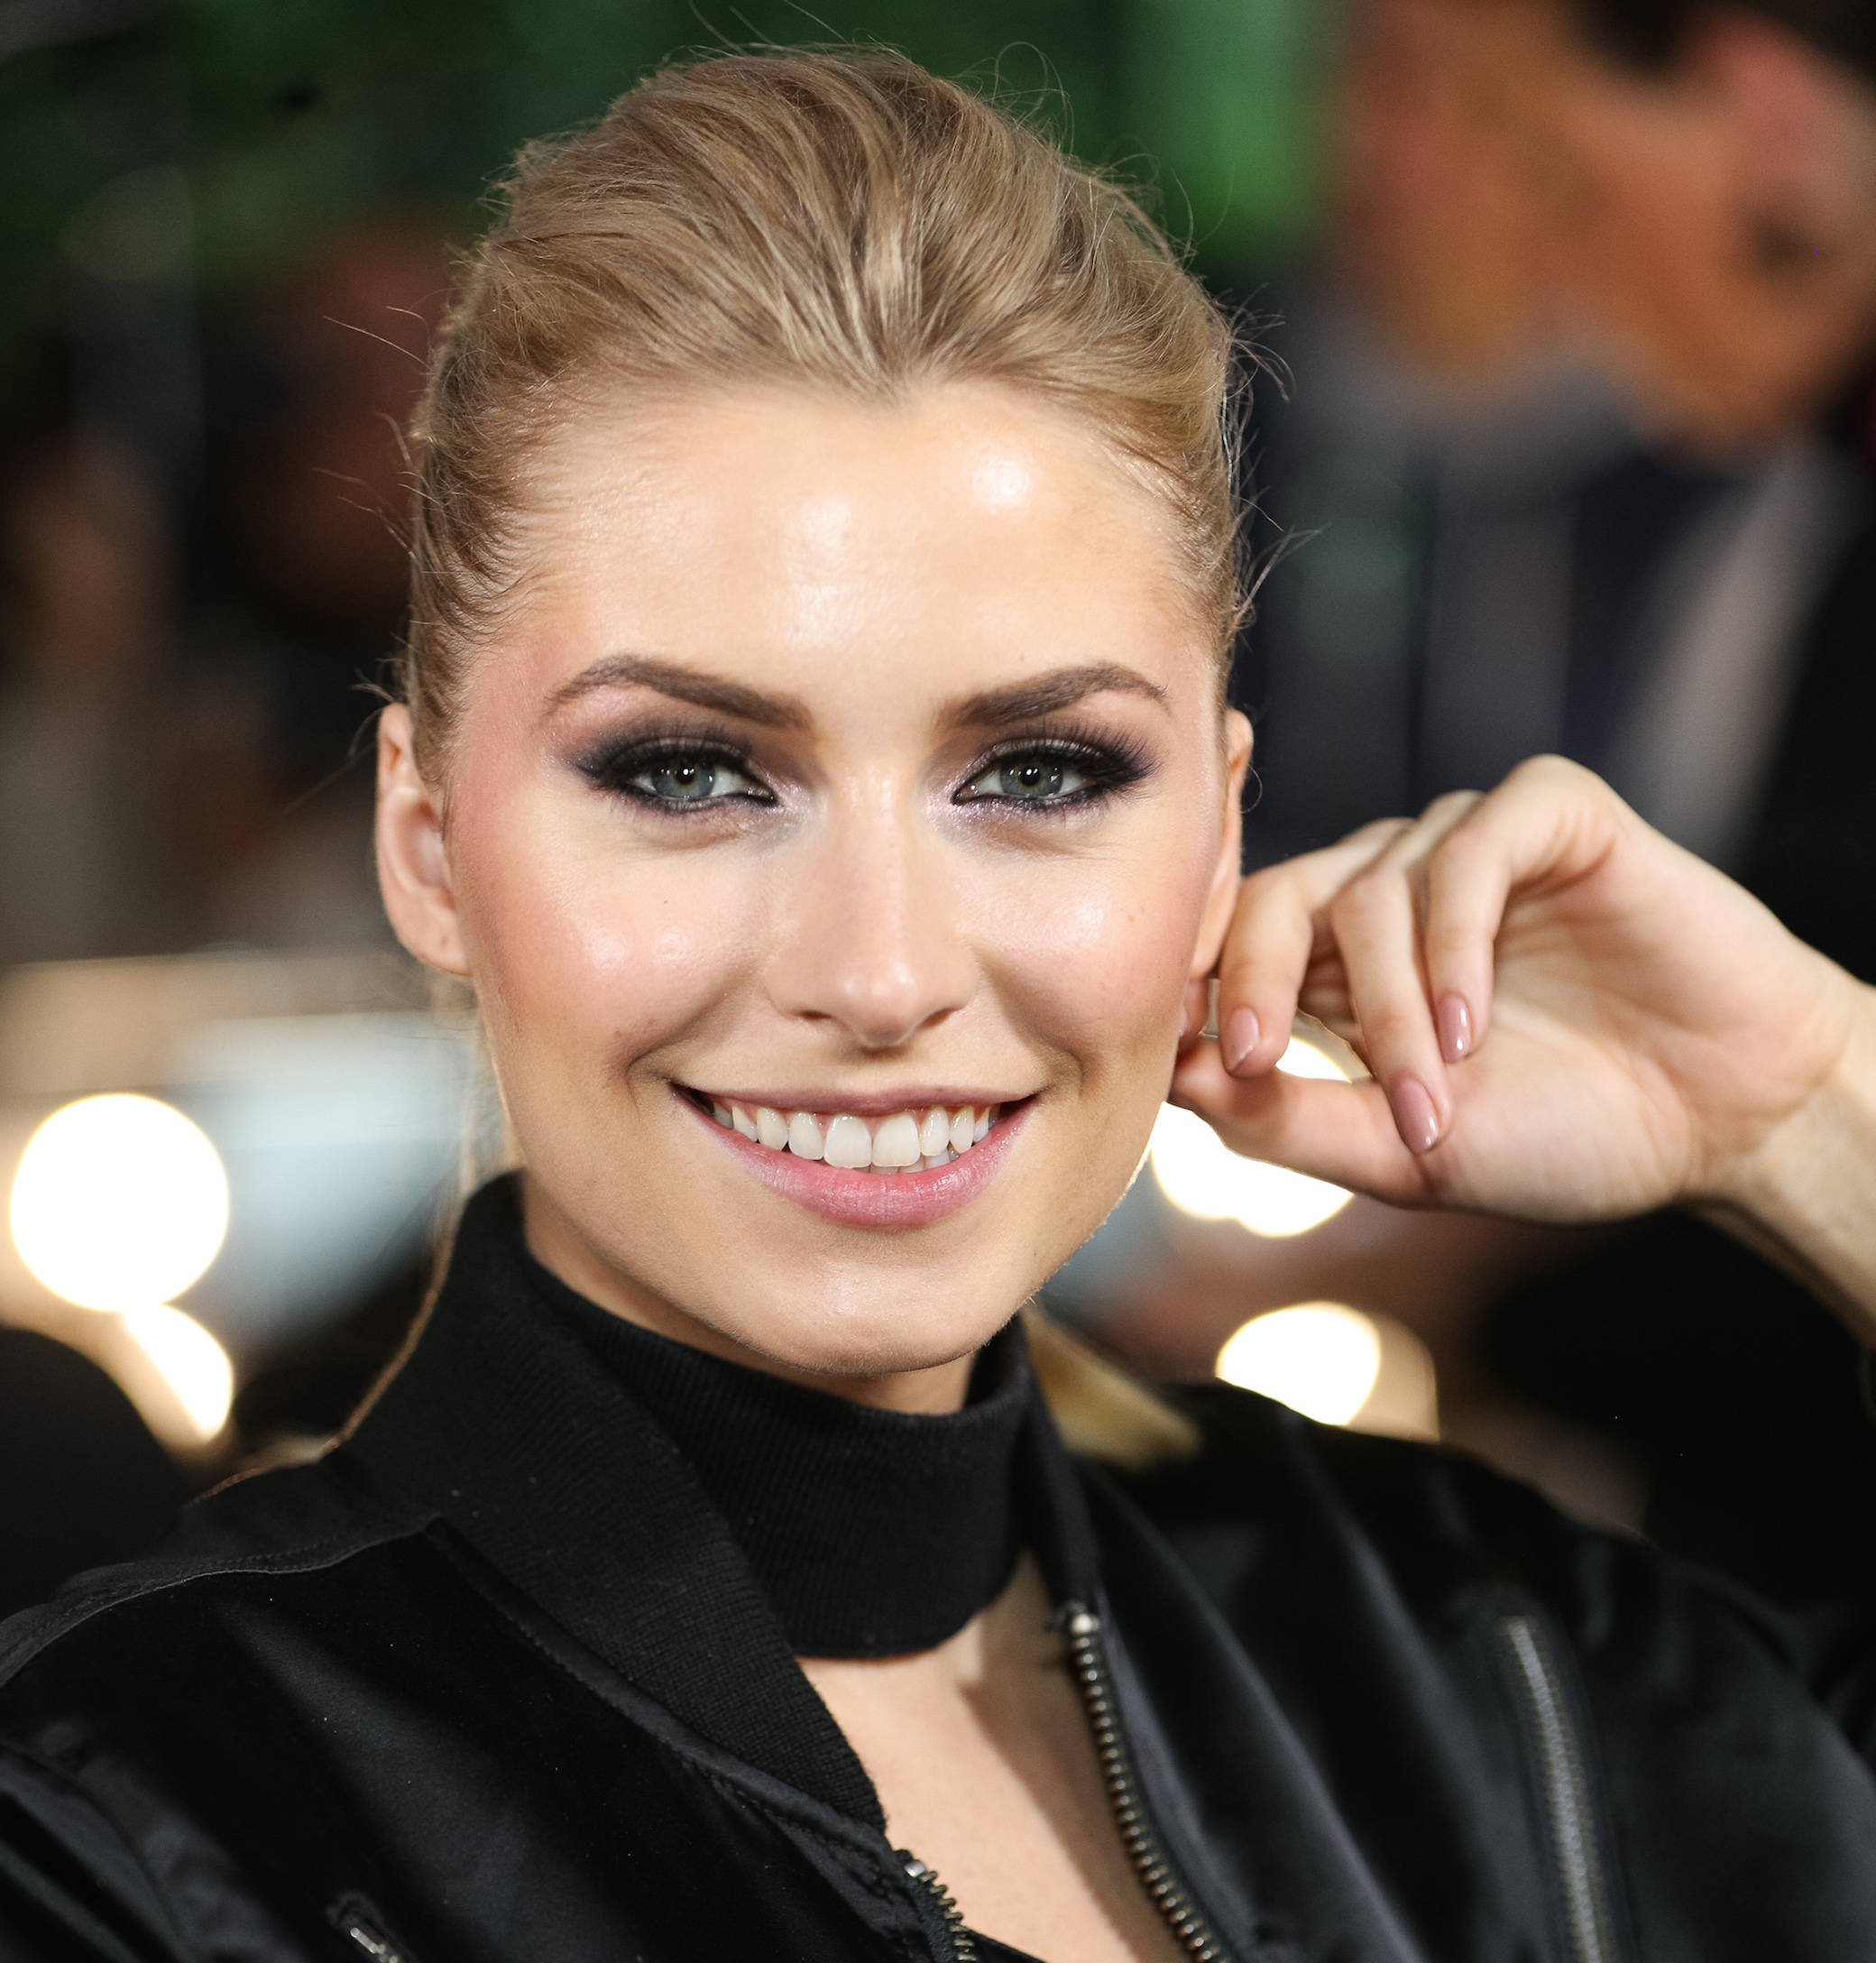 Lena Gercke Liebt Manneruhren Und Lederhosen Stylebook